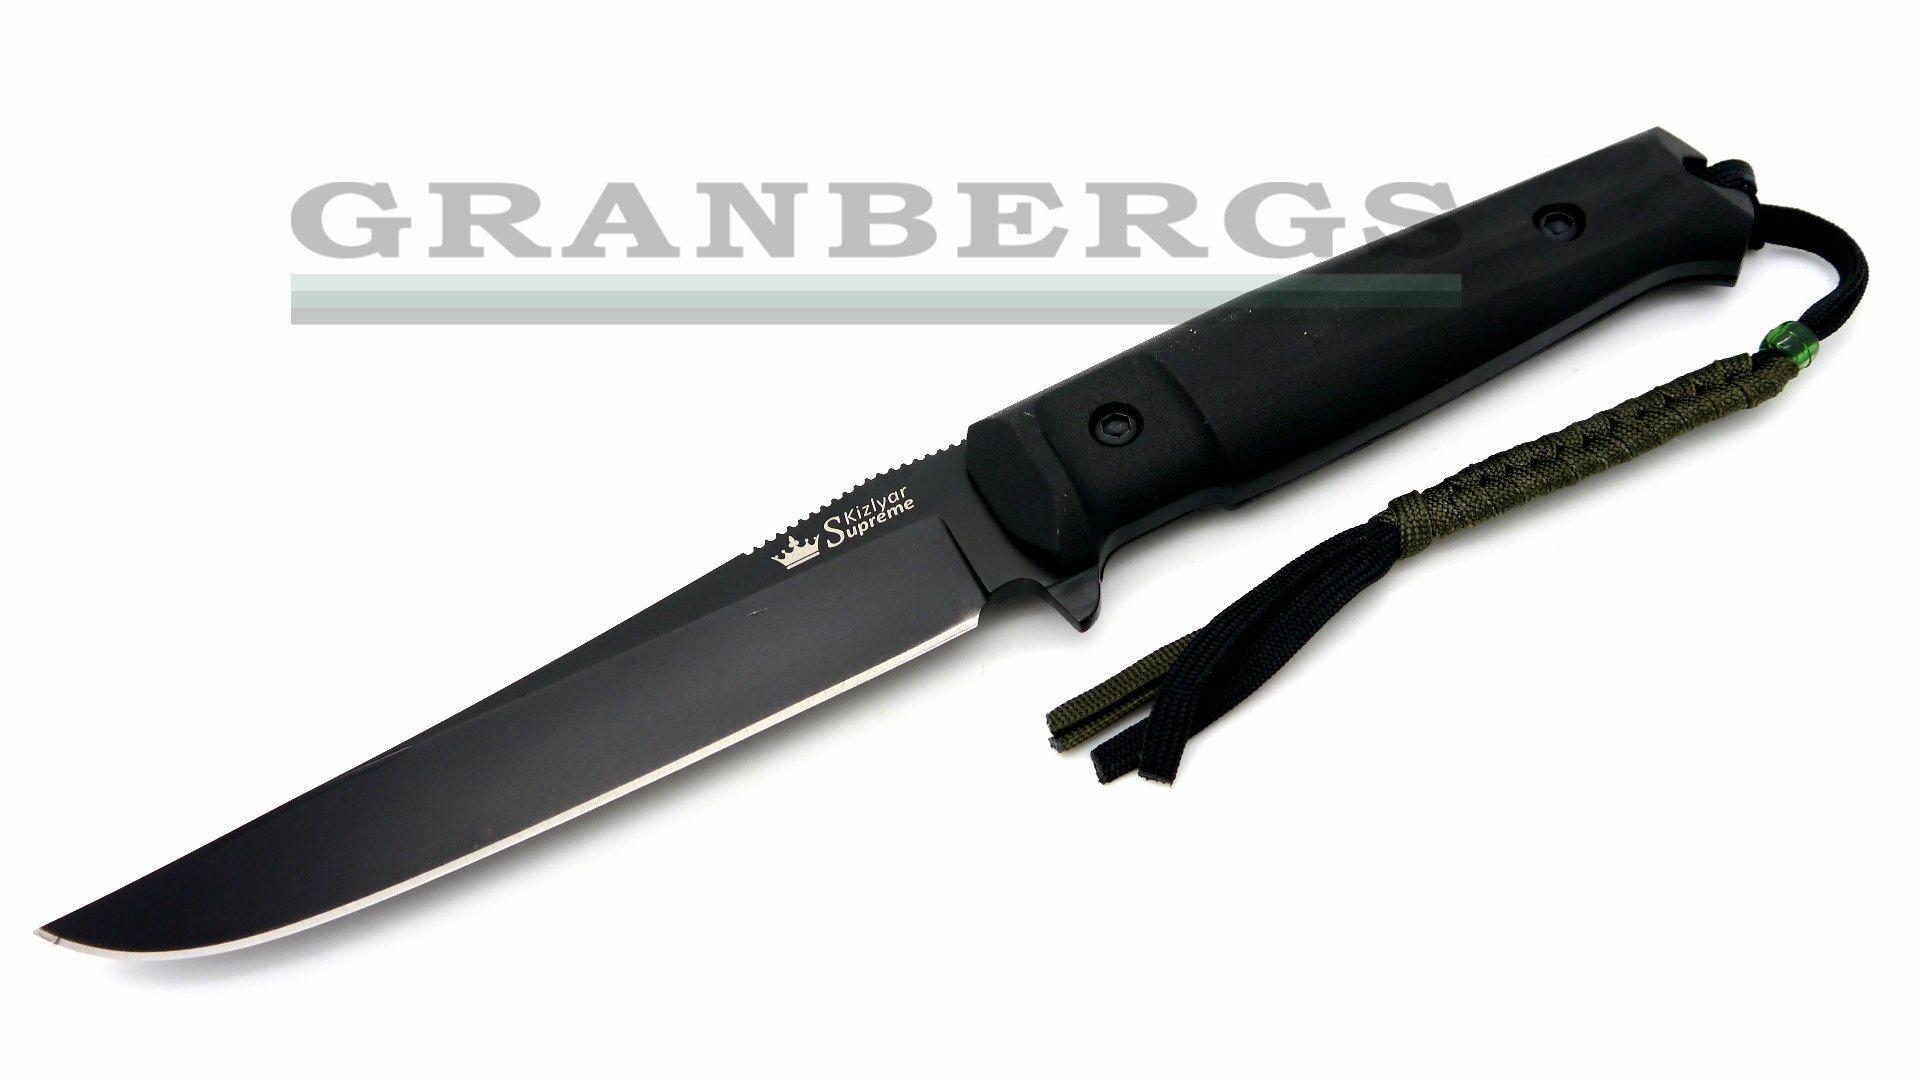 3P1140060Kizlyar-Supreme-Cros-Aus-8-Black-Blade-1920p-Watermark.jpg